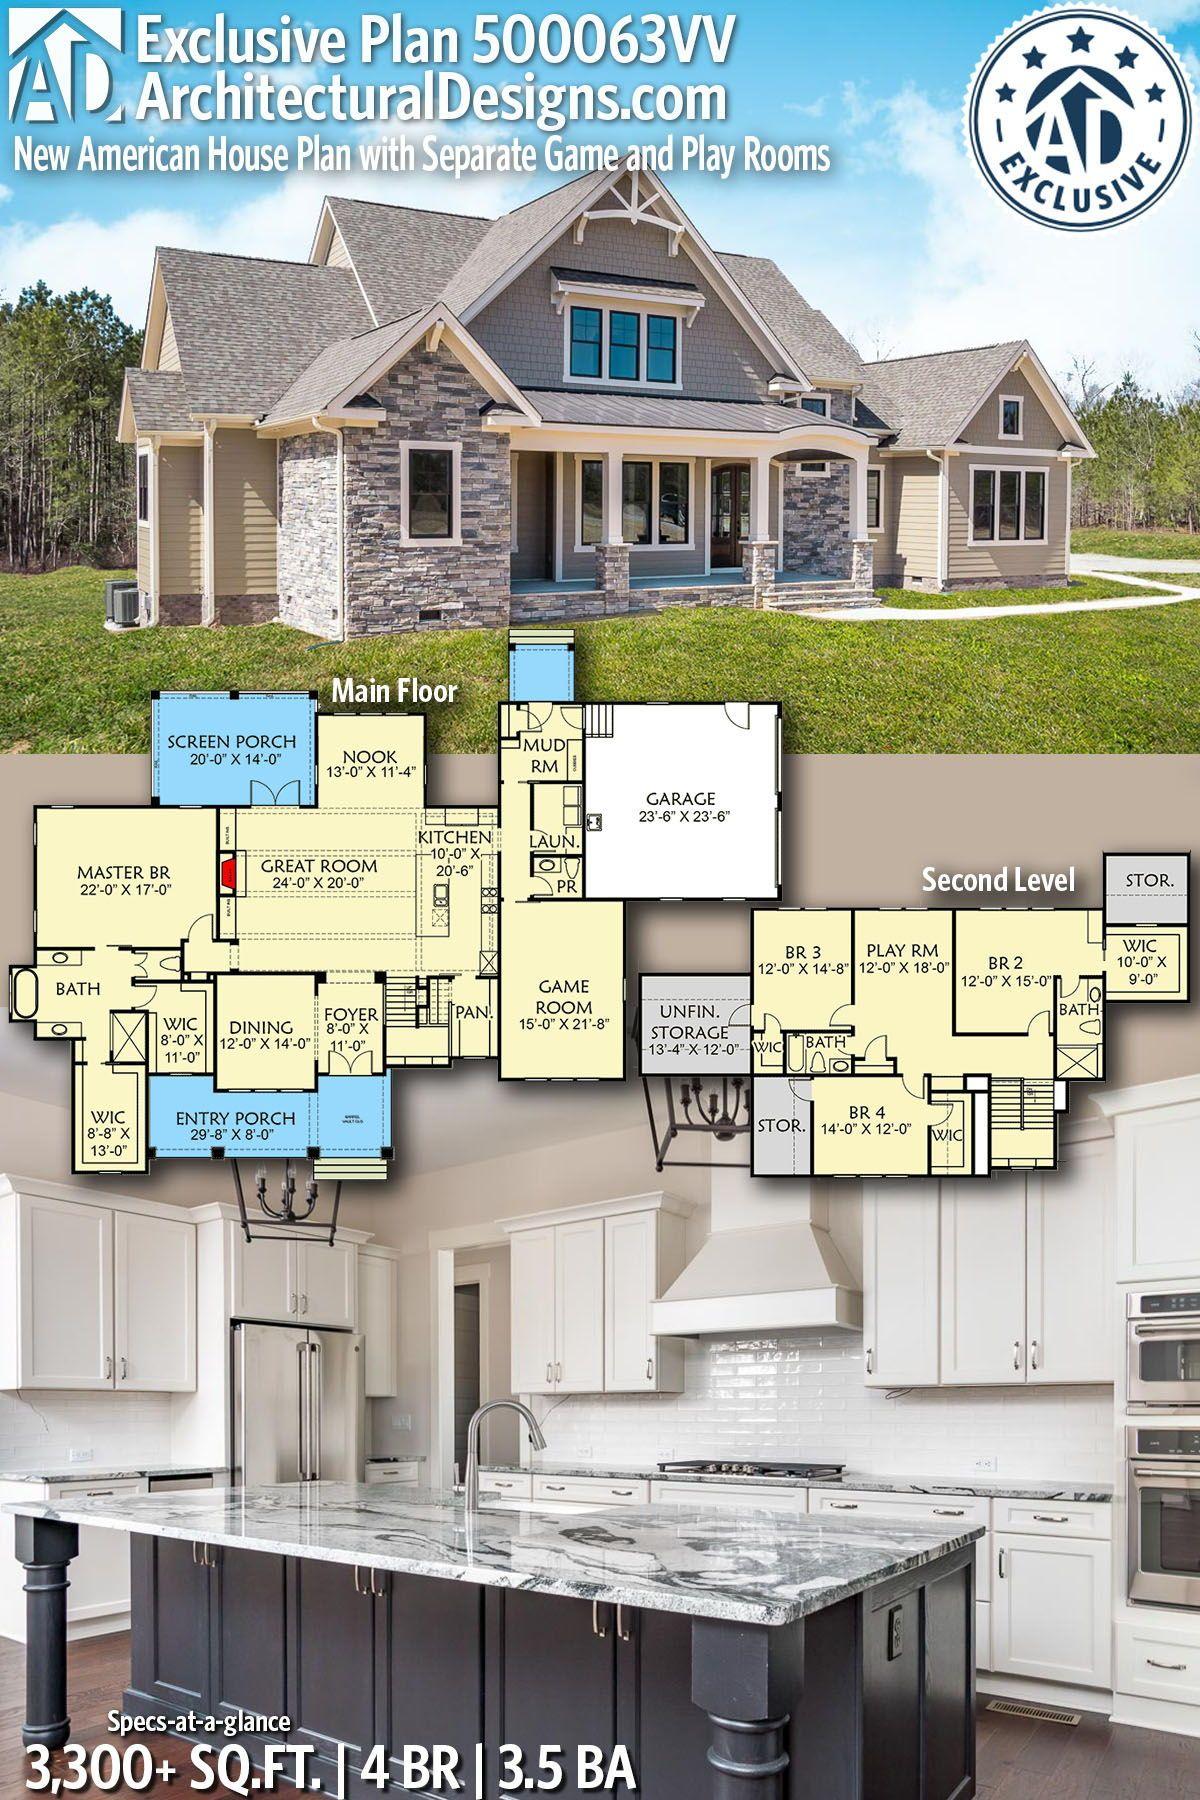 Plan 500063VV: New American House Plan mit separaten Spiel- und Spielräumen